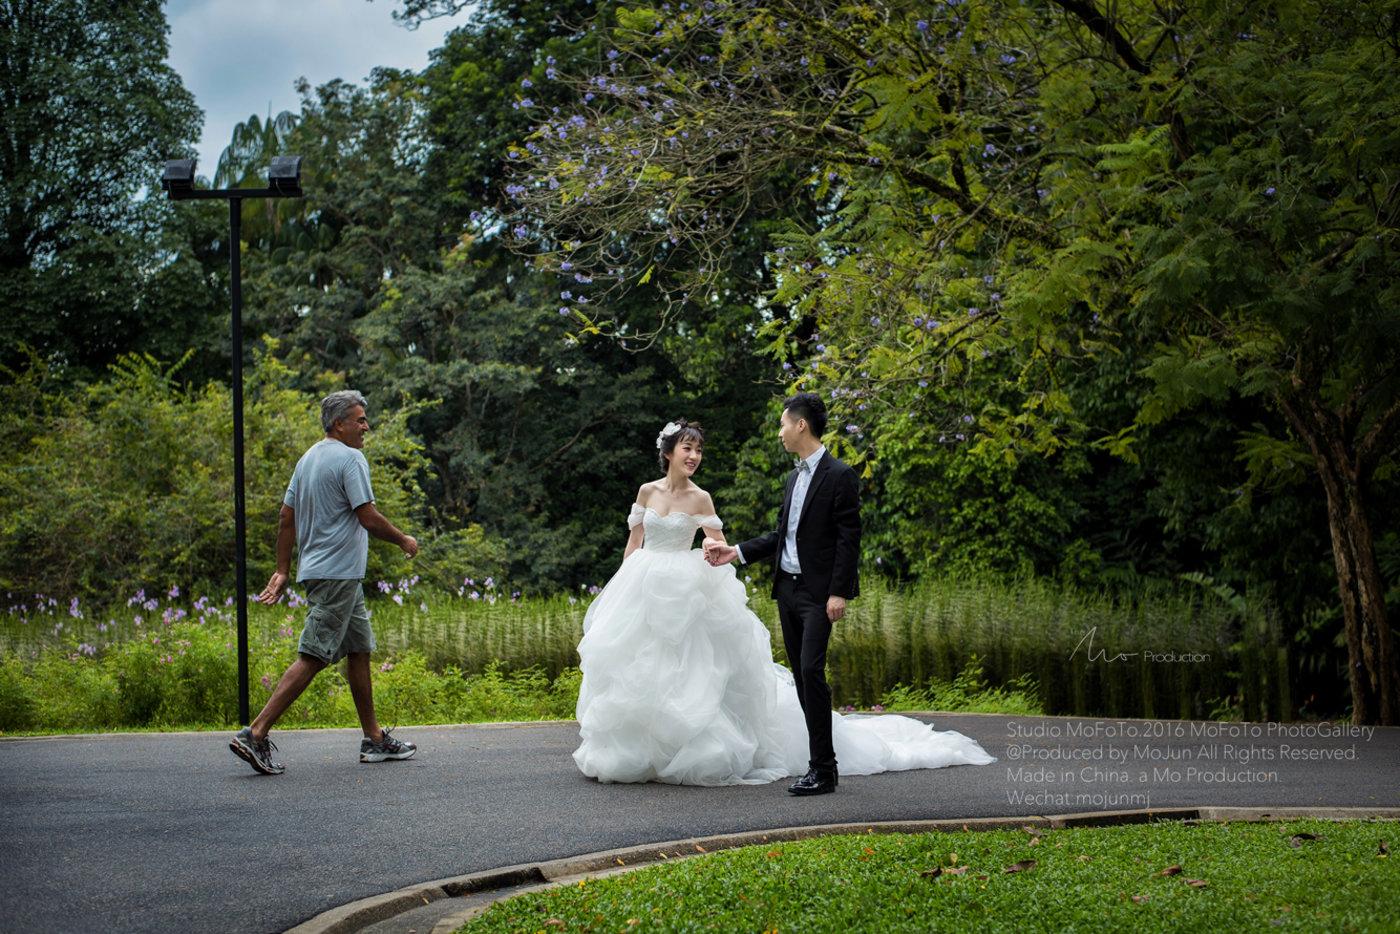 MoFoTo新加坡婚纱9